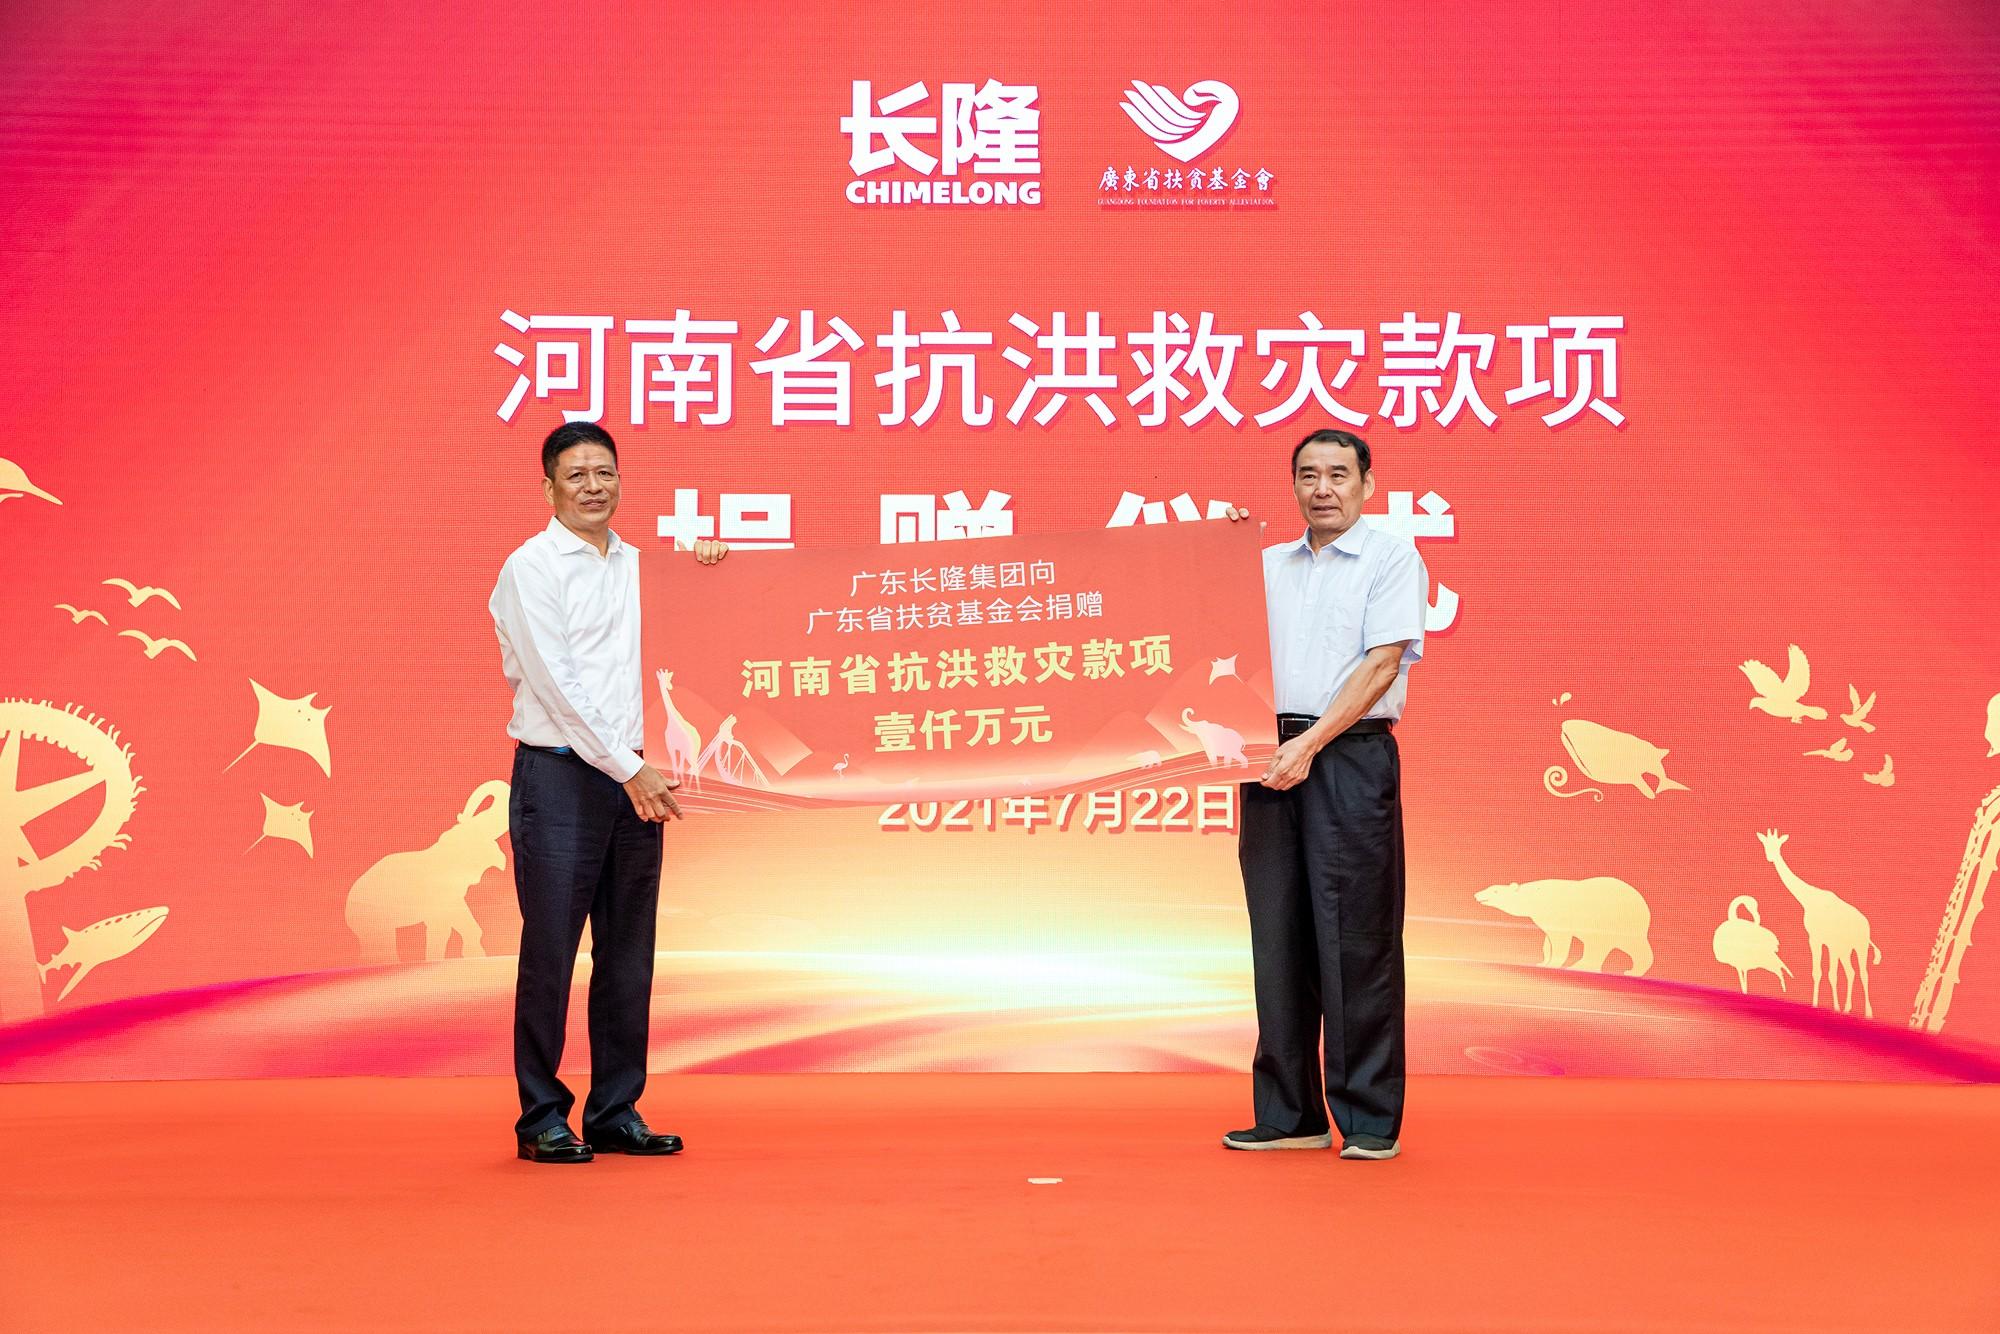 不忘初心 感恩前行 长隆集团捐赠1000万元用于河南救灾